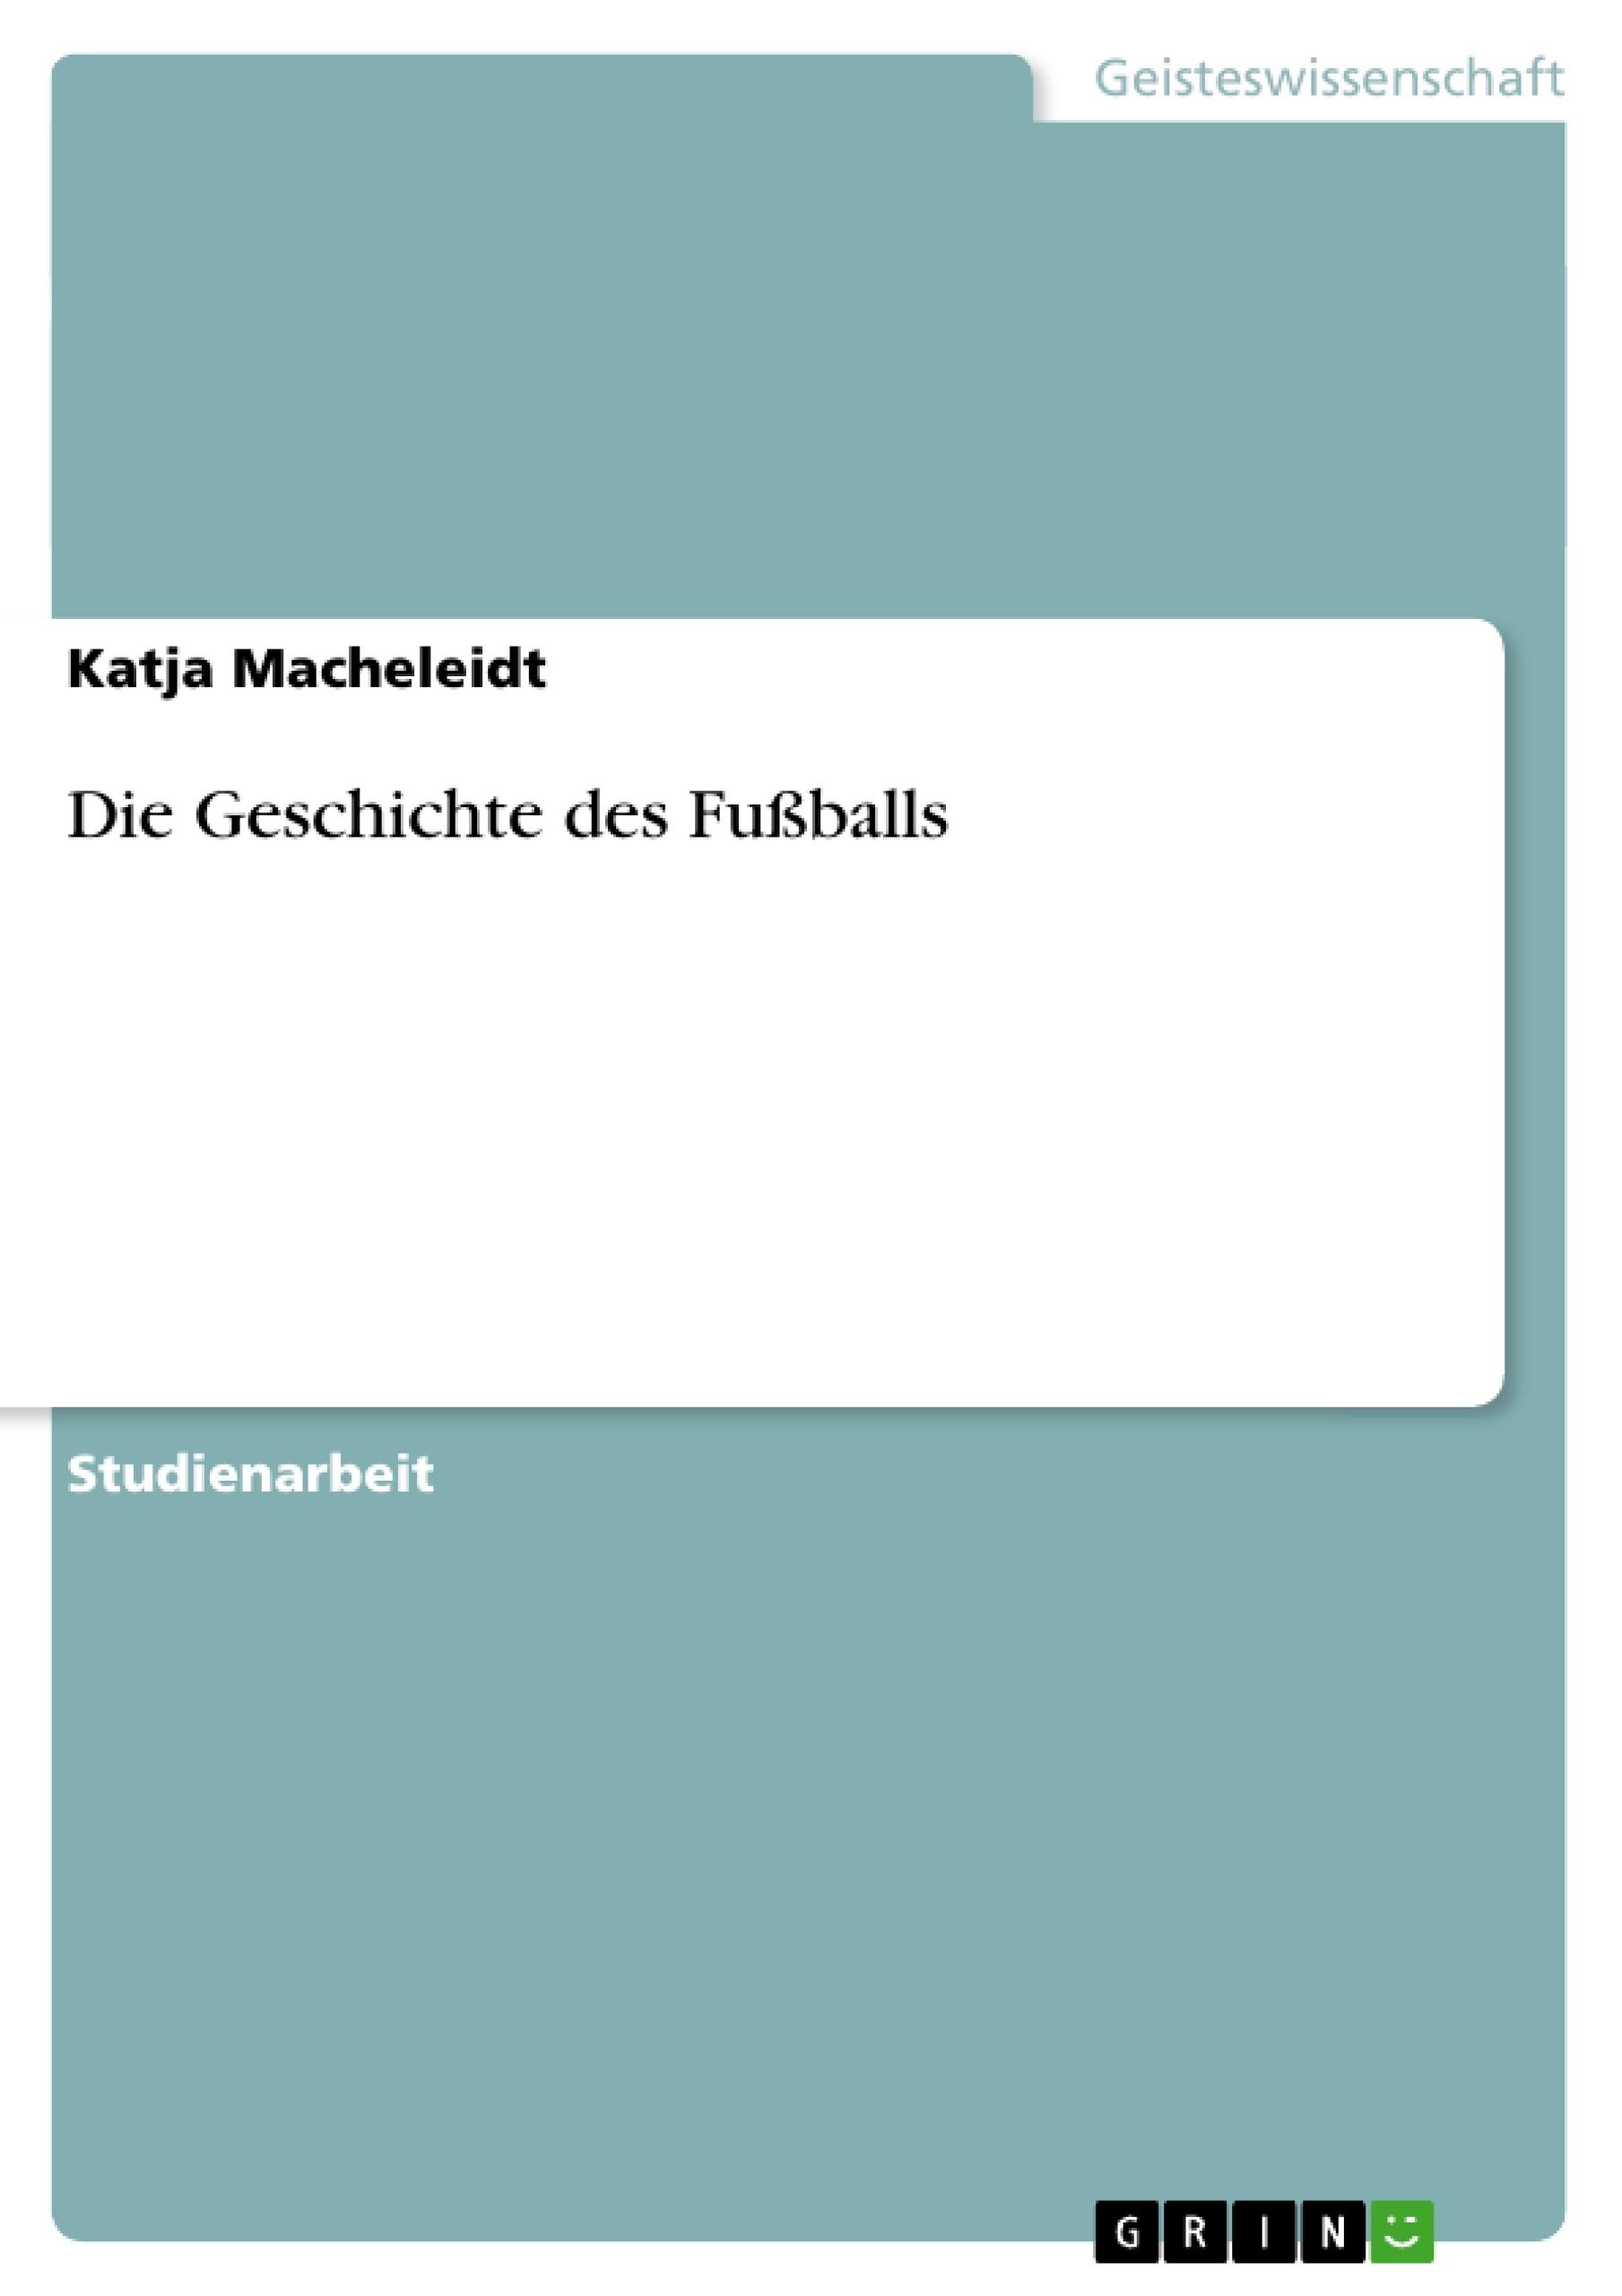 Titel: Die Geschichte des Fußballs